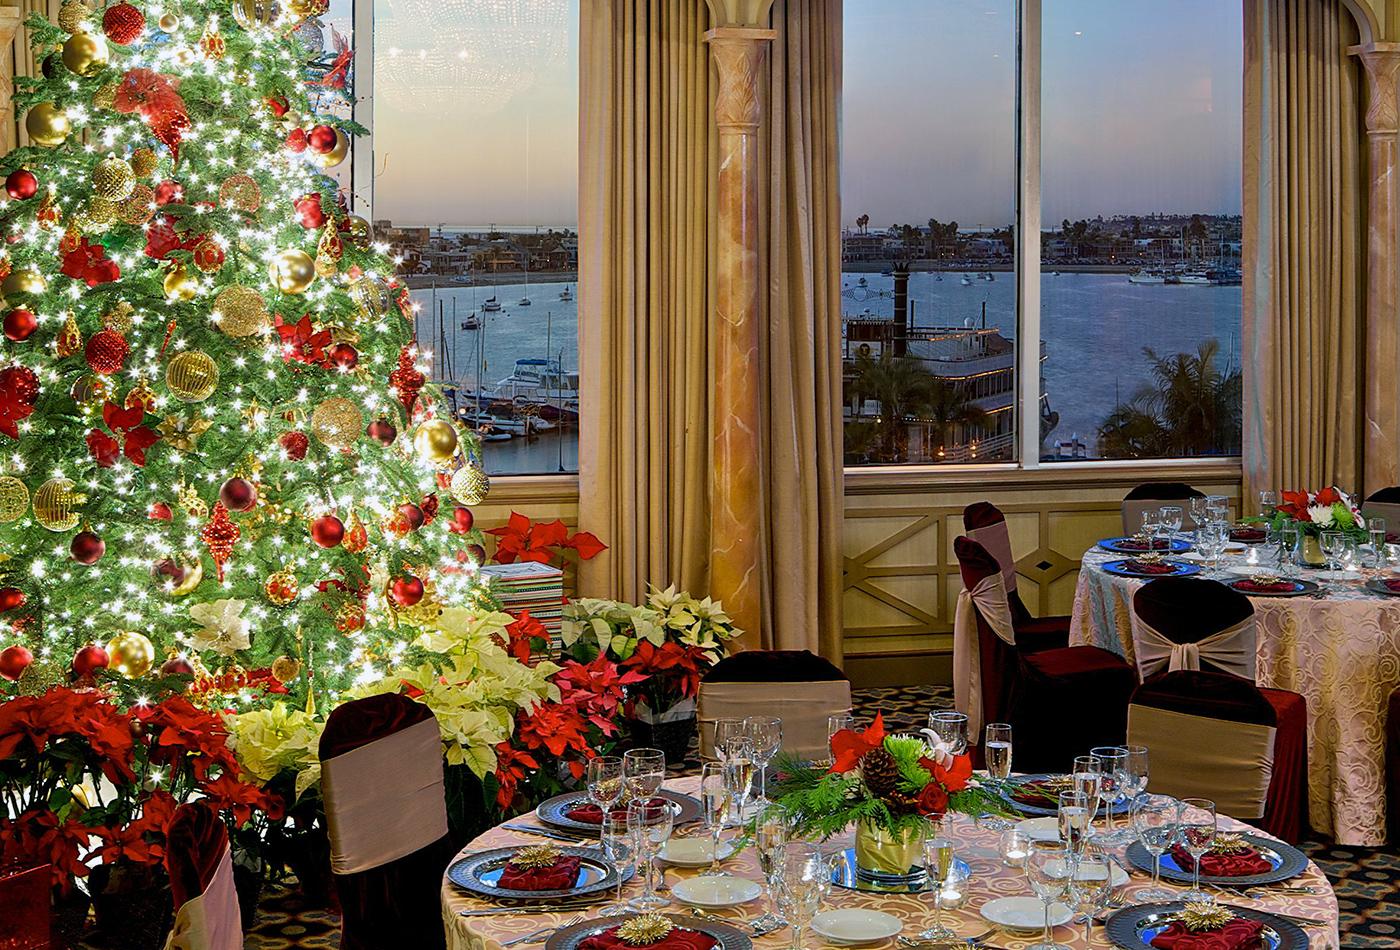 Christmas Buffet San Diego 2021 Christmas Eve Buffet San Diego Latest Buffet Ideas